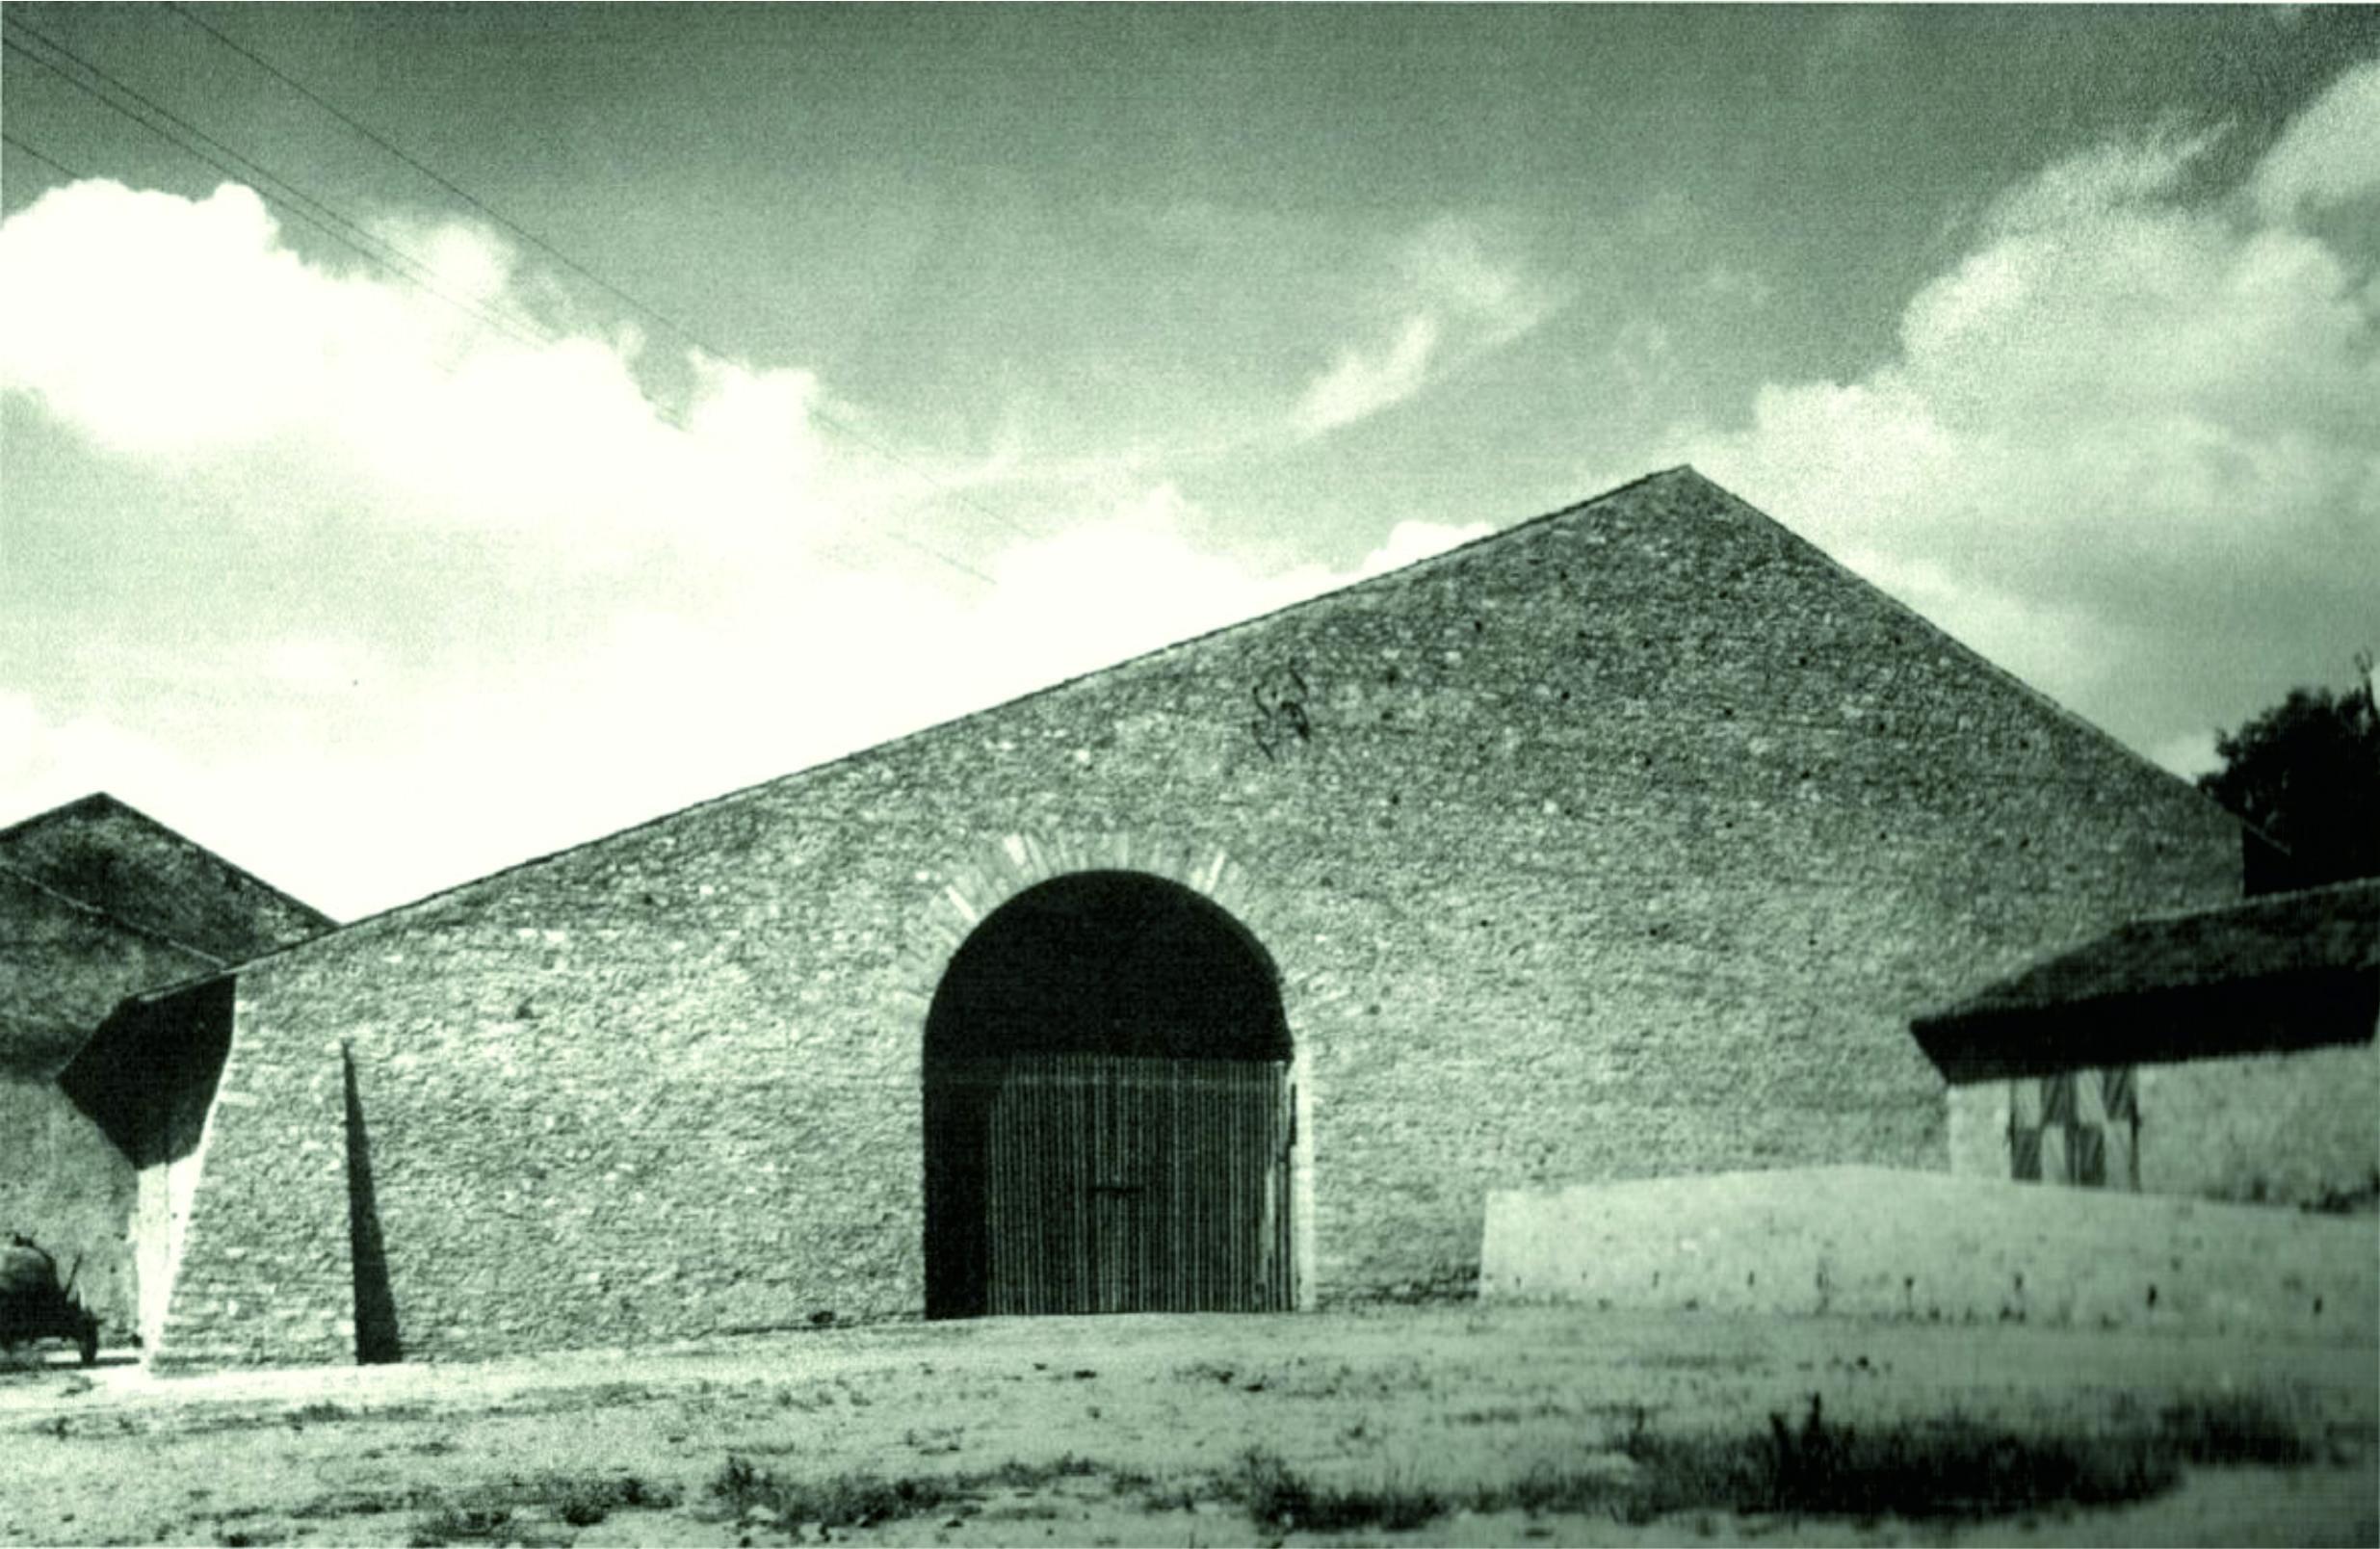 Chiesa granaio a Boust.